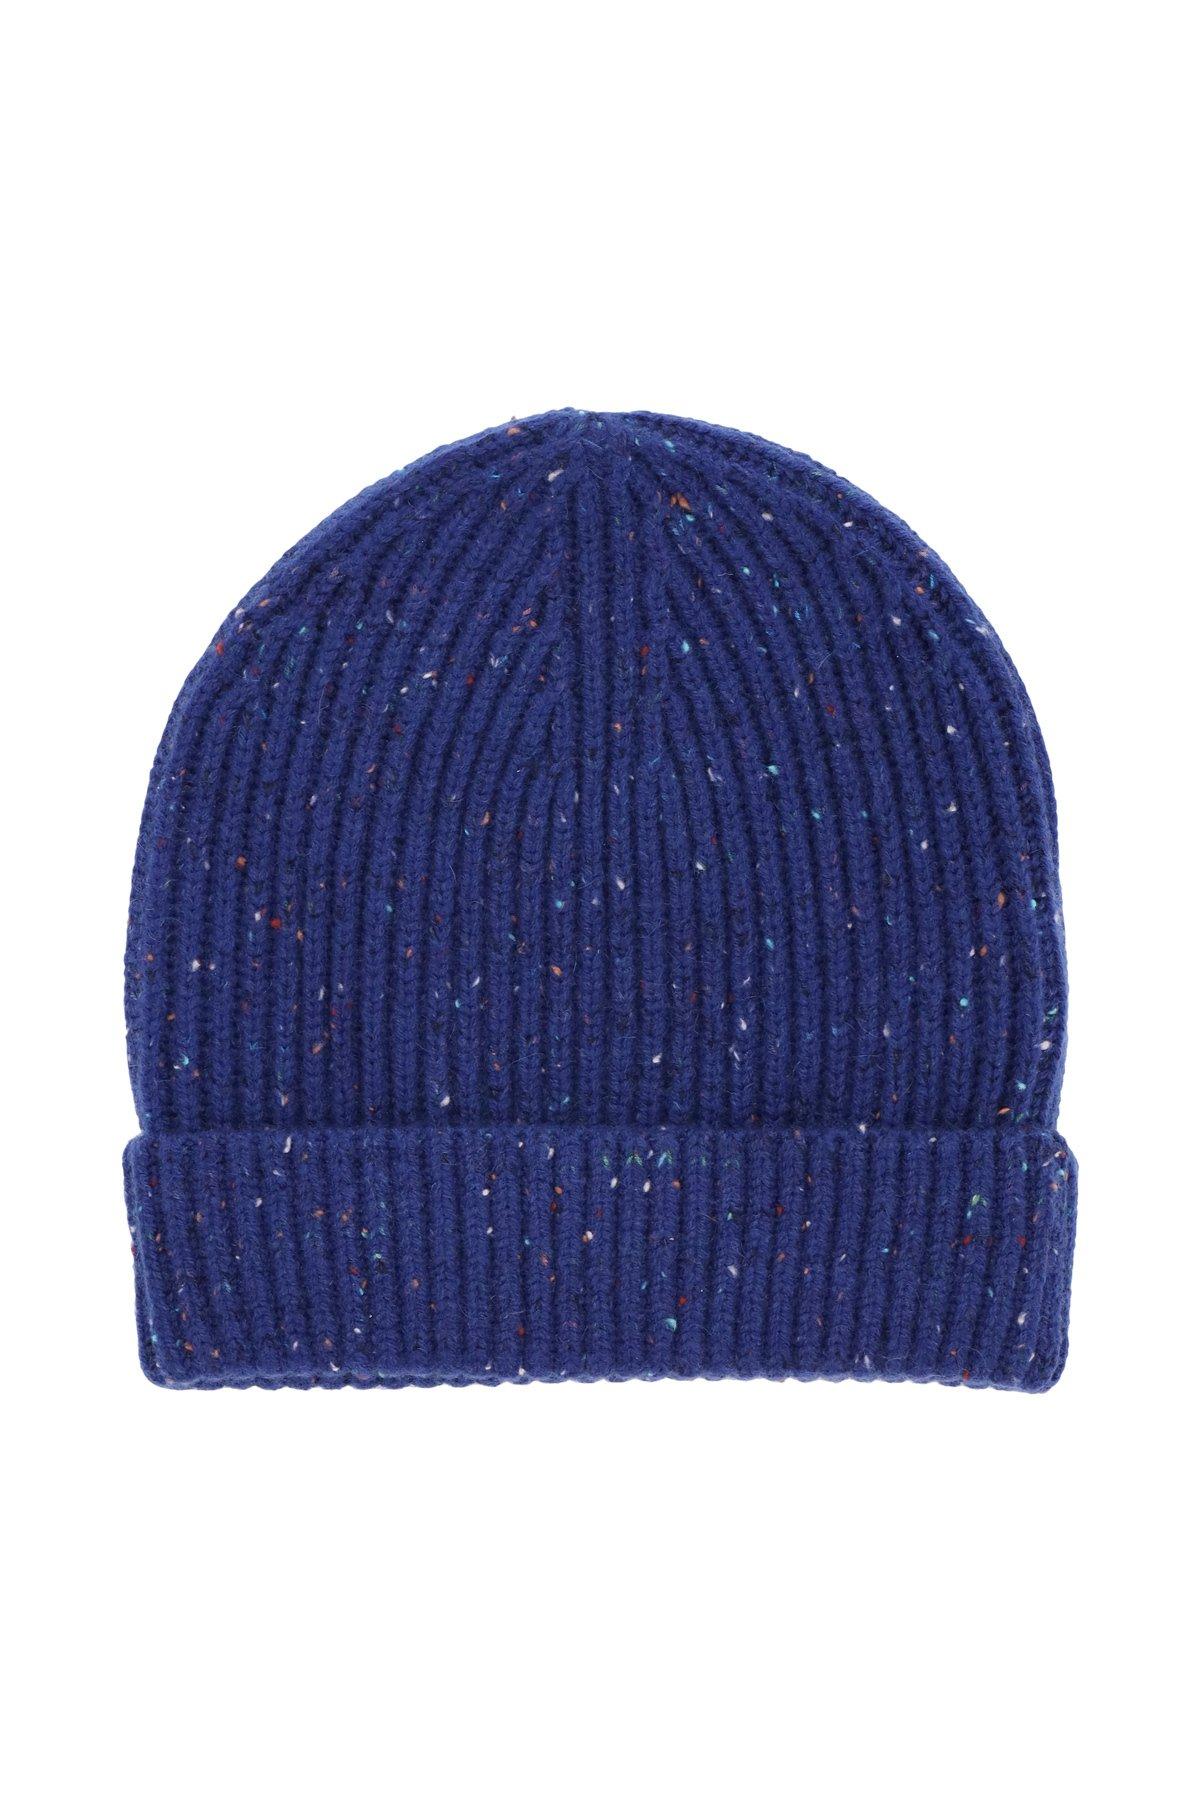 Burberry cappello beanie ricamo logo